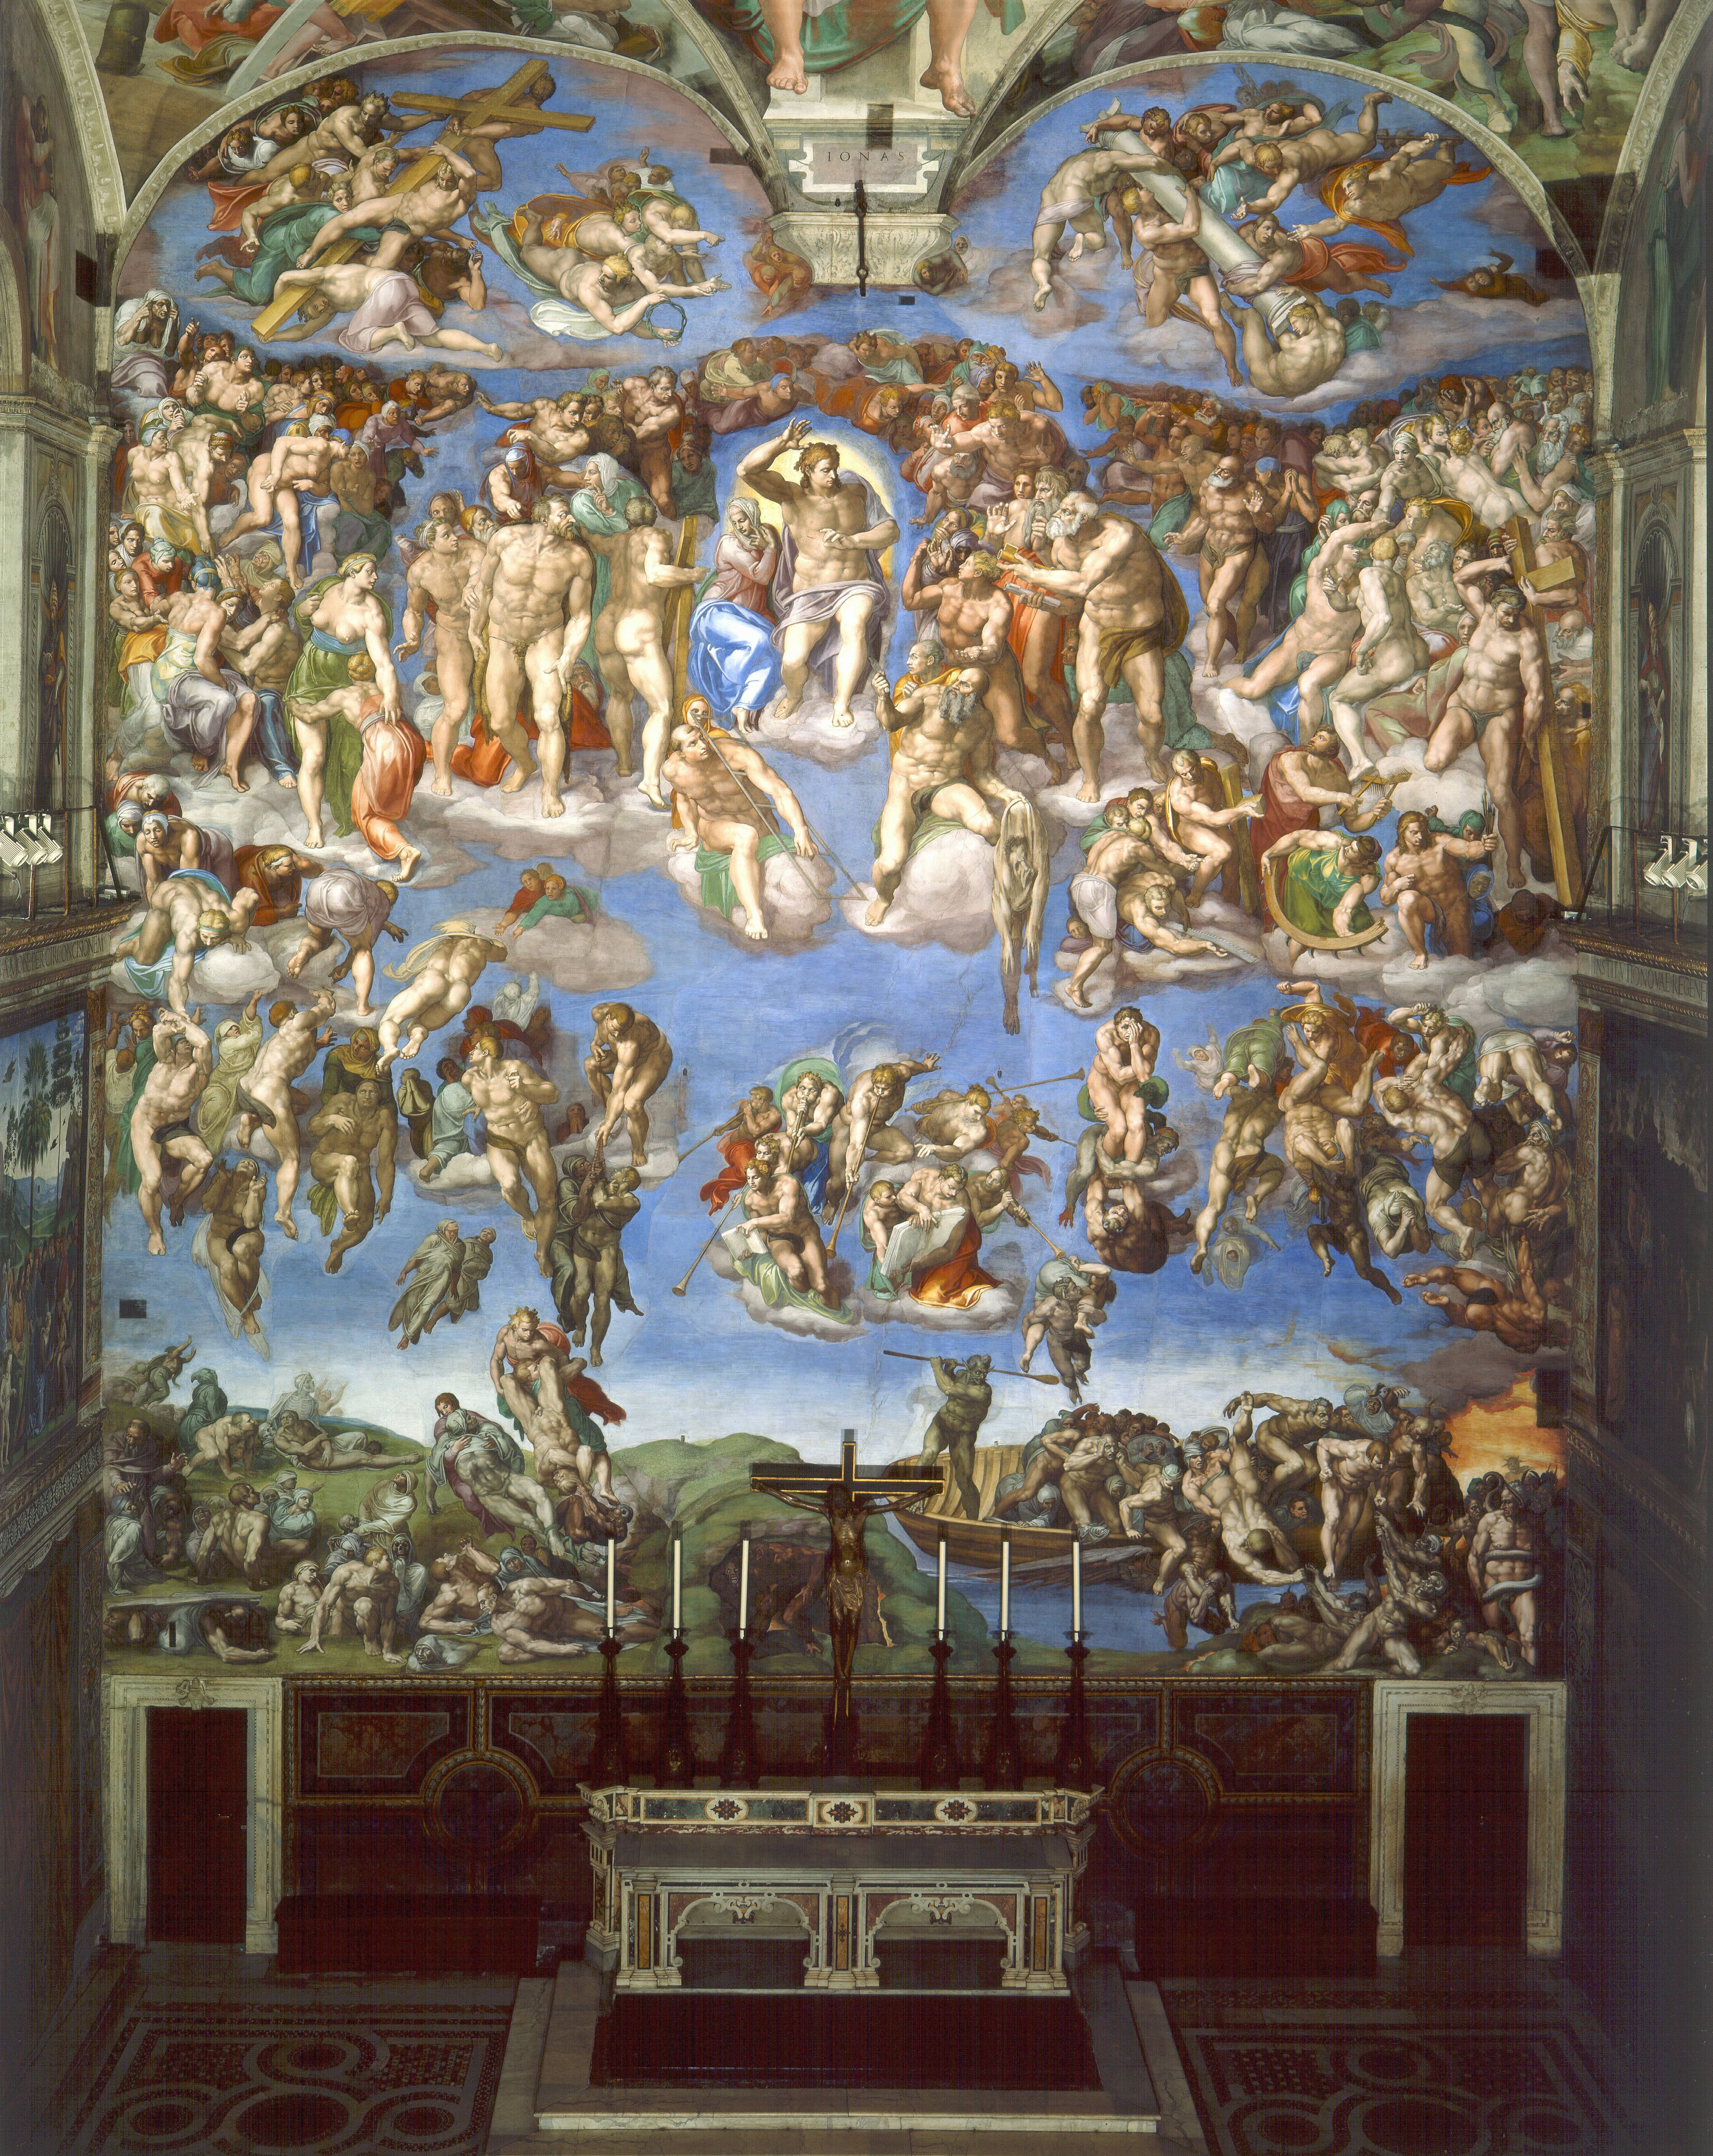 The Last Judgement, 1537-1541 - Michelangelo